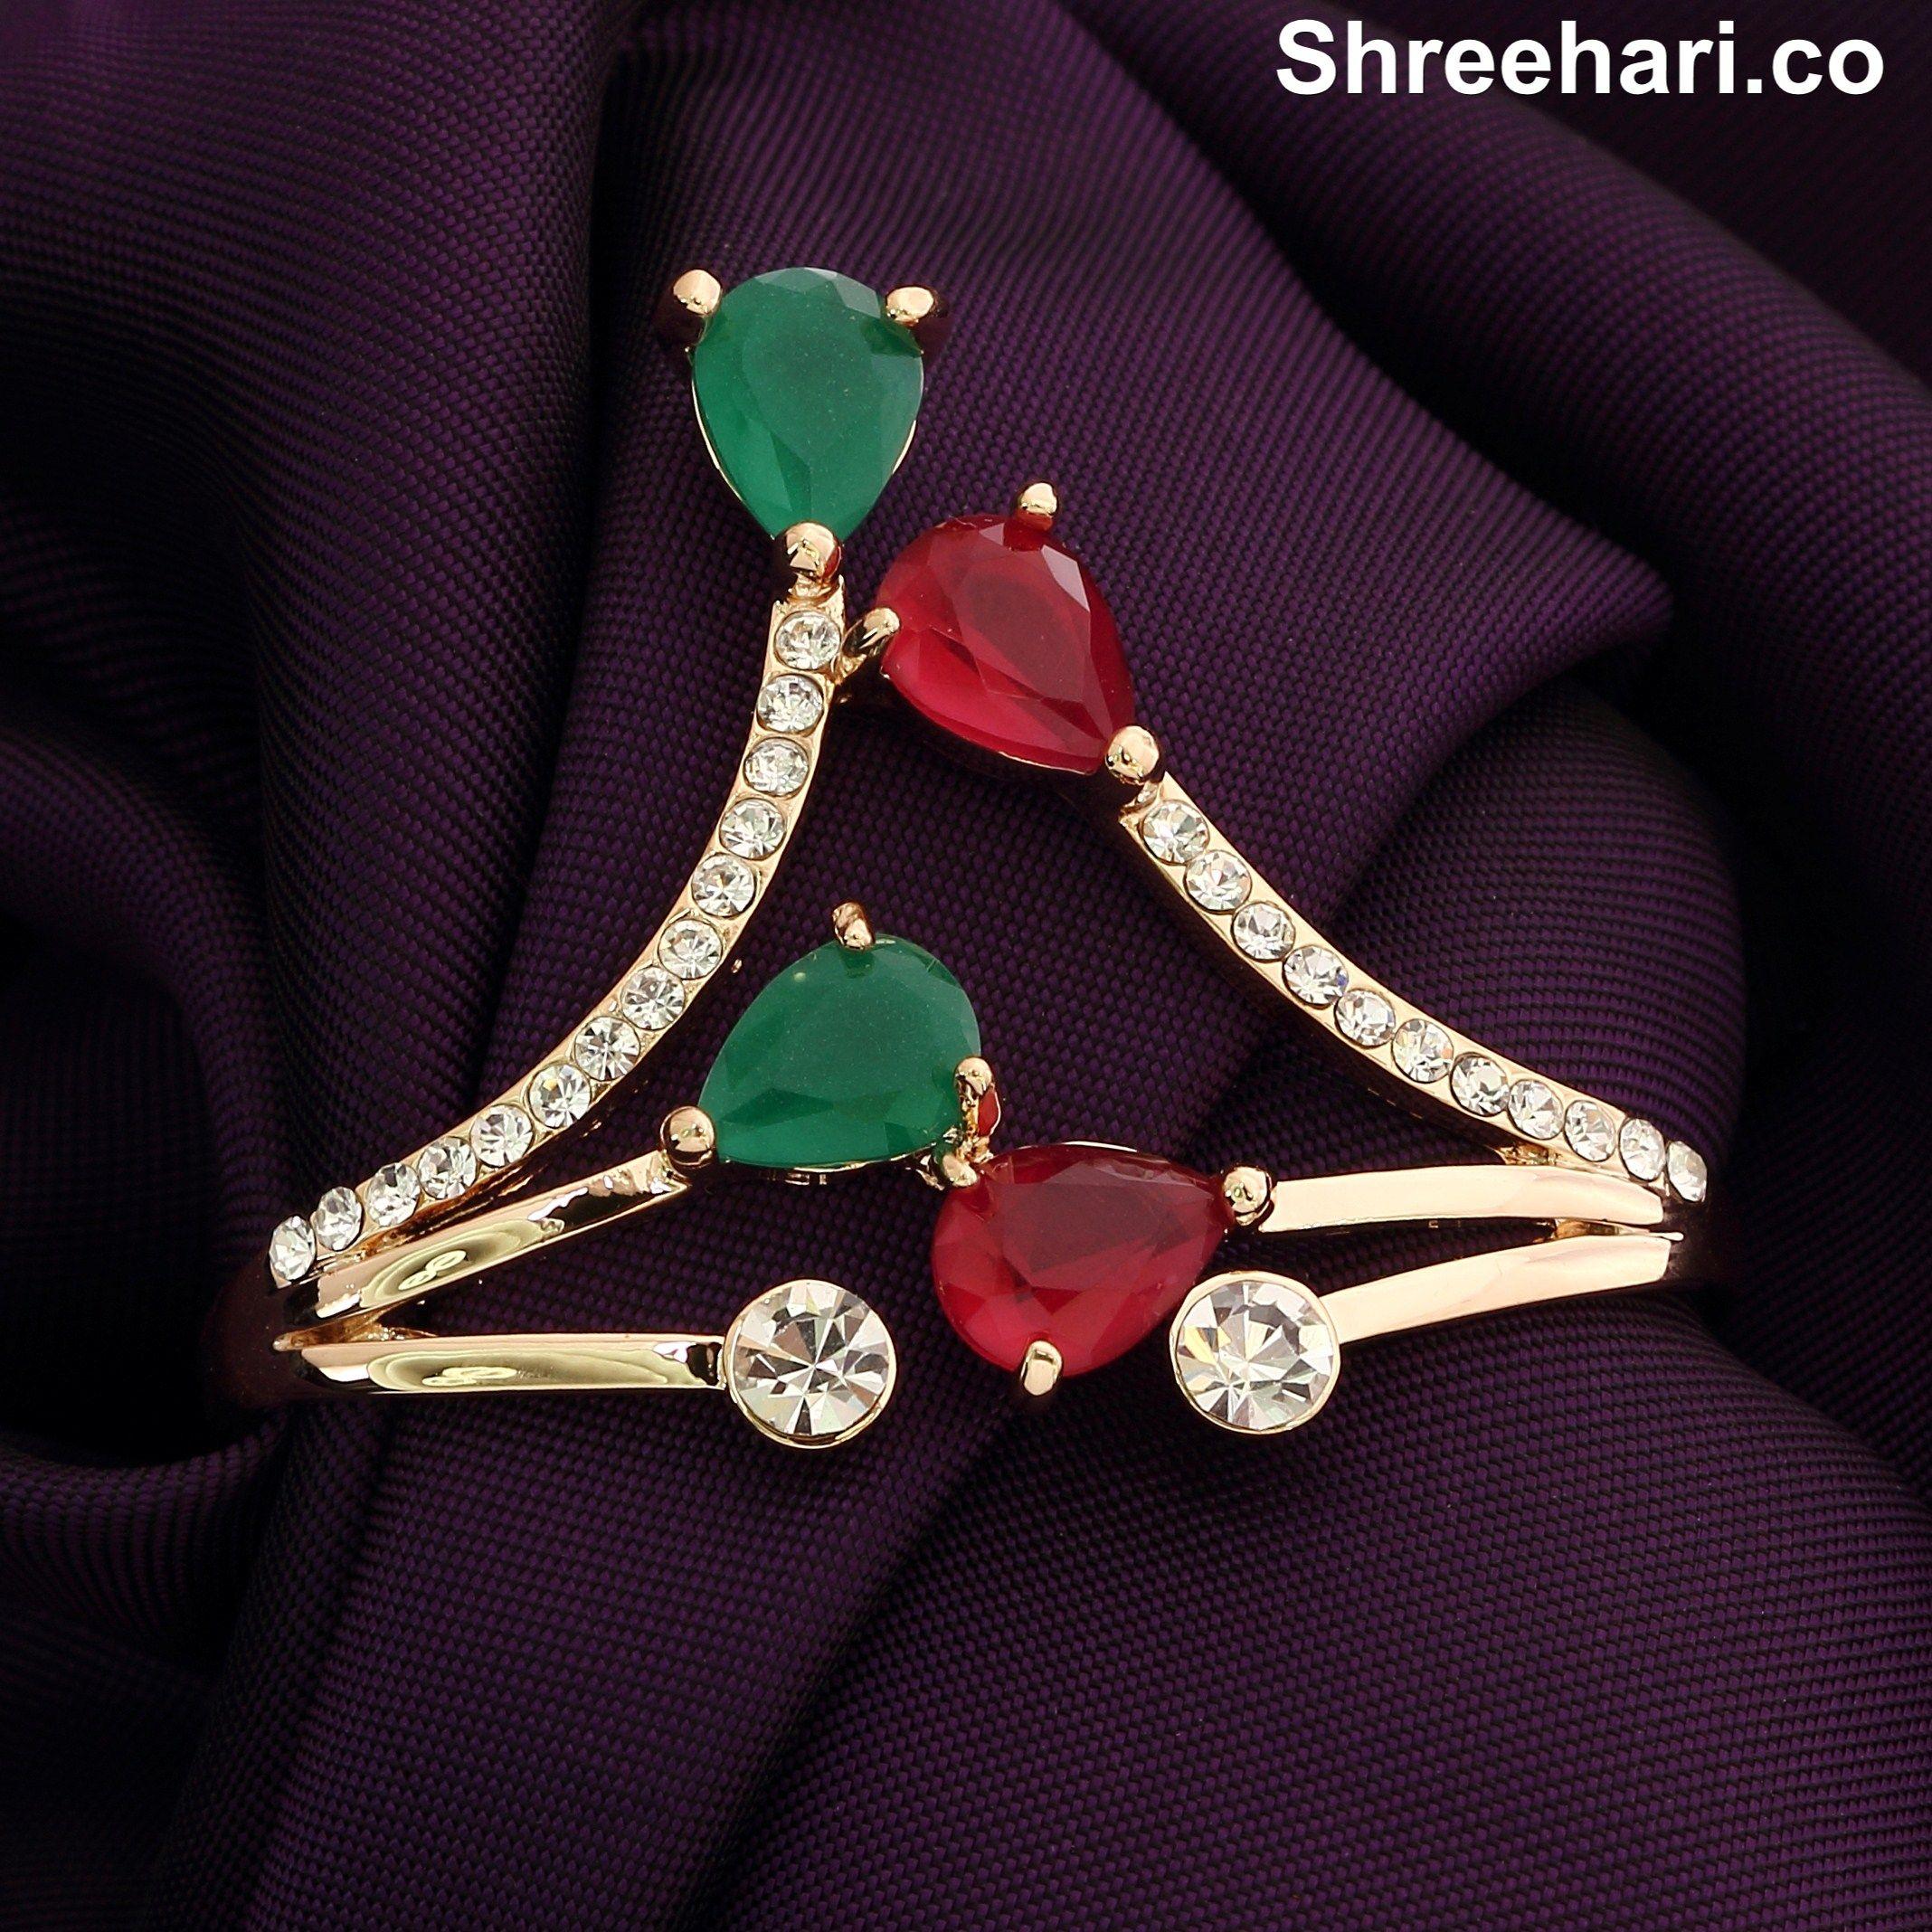 www.shreehari.co jewelley for INR 640.00 http://bit.ly/1JWtCBC